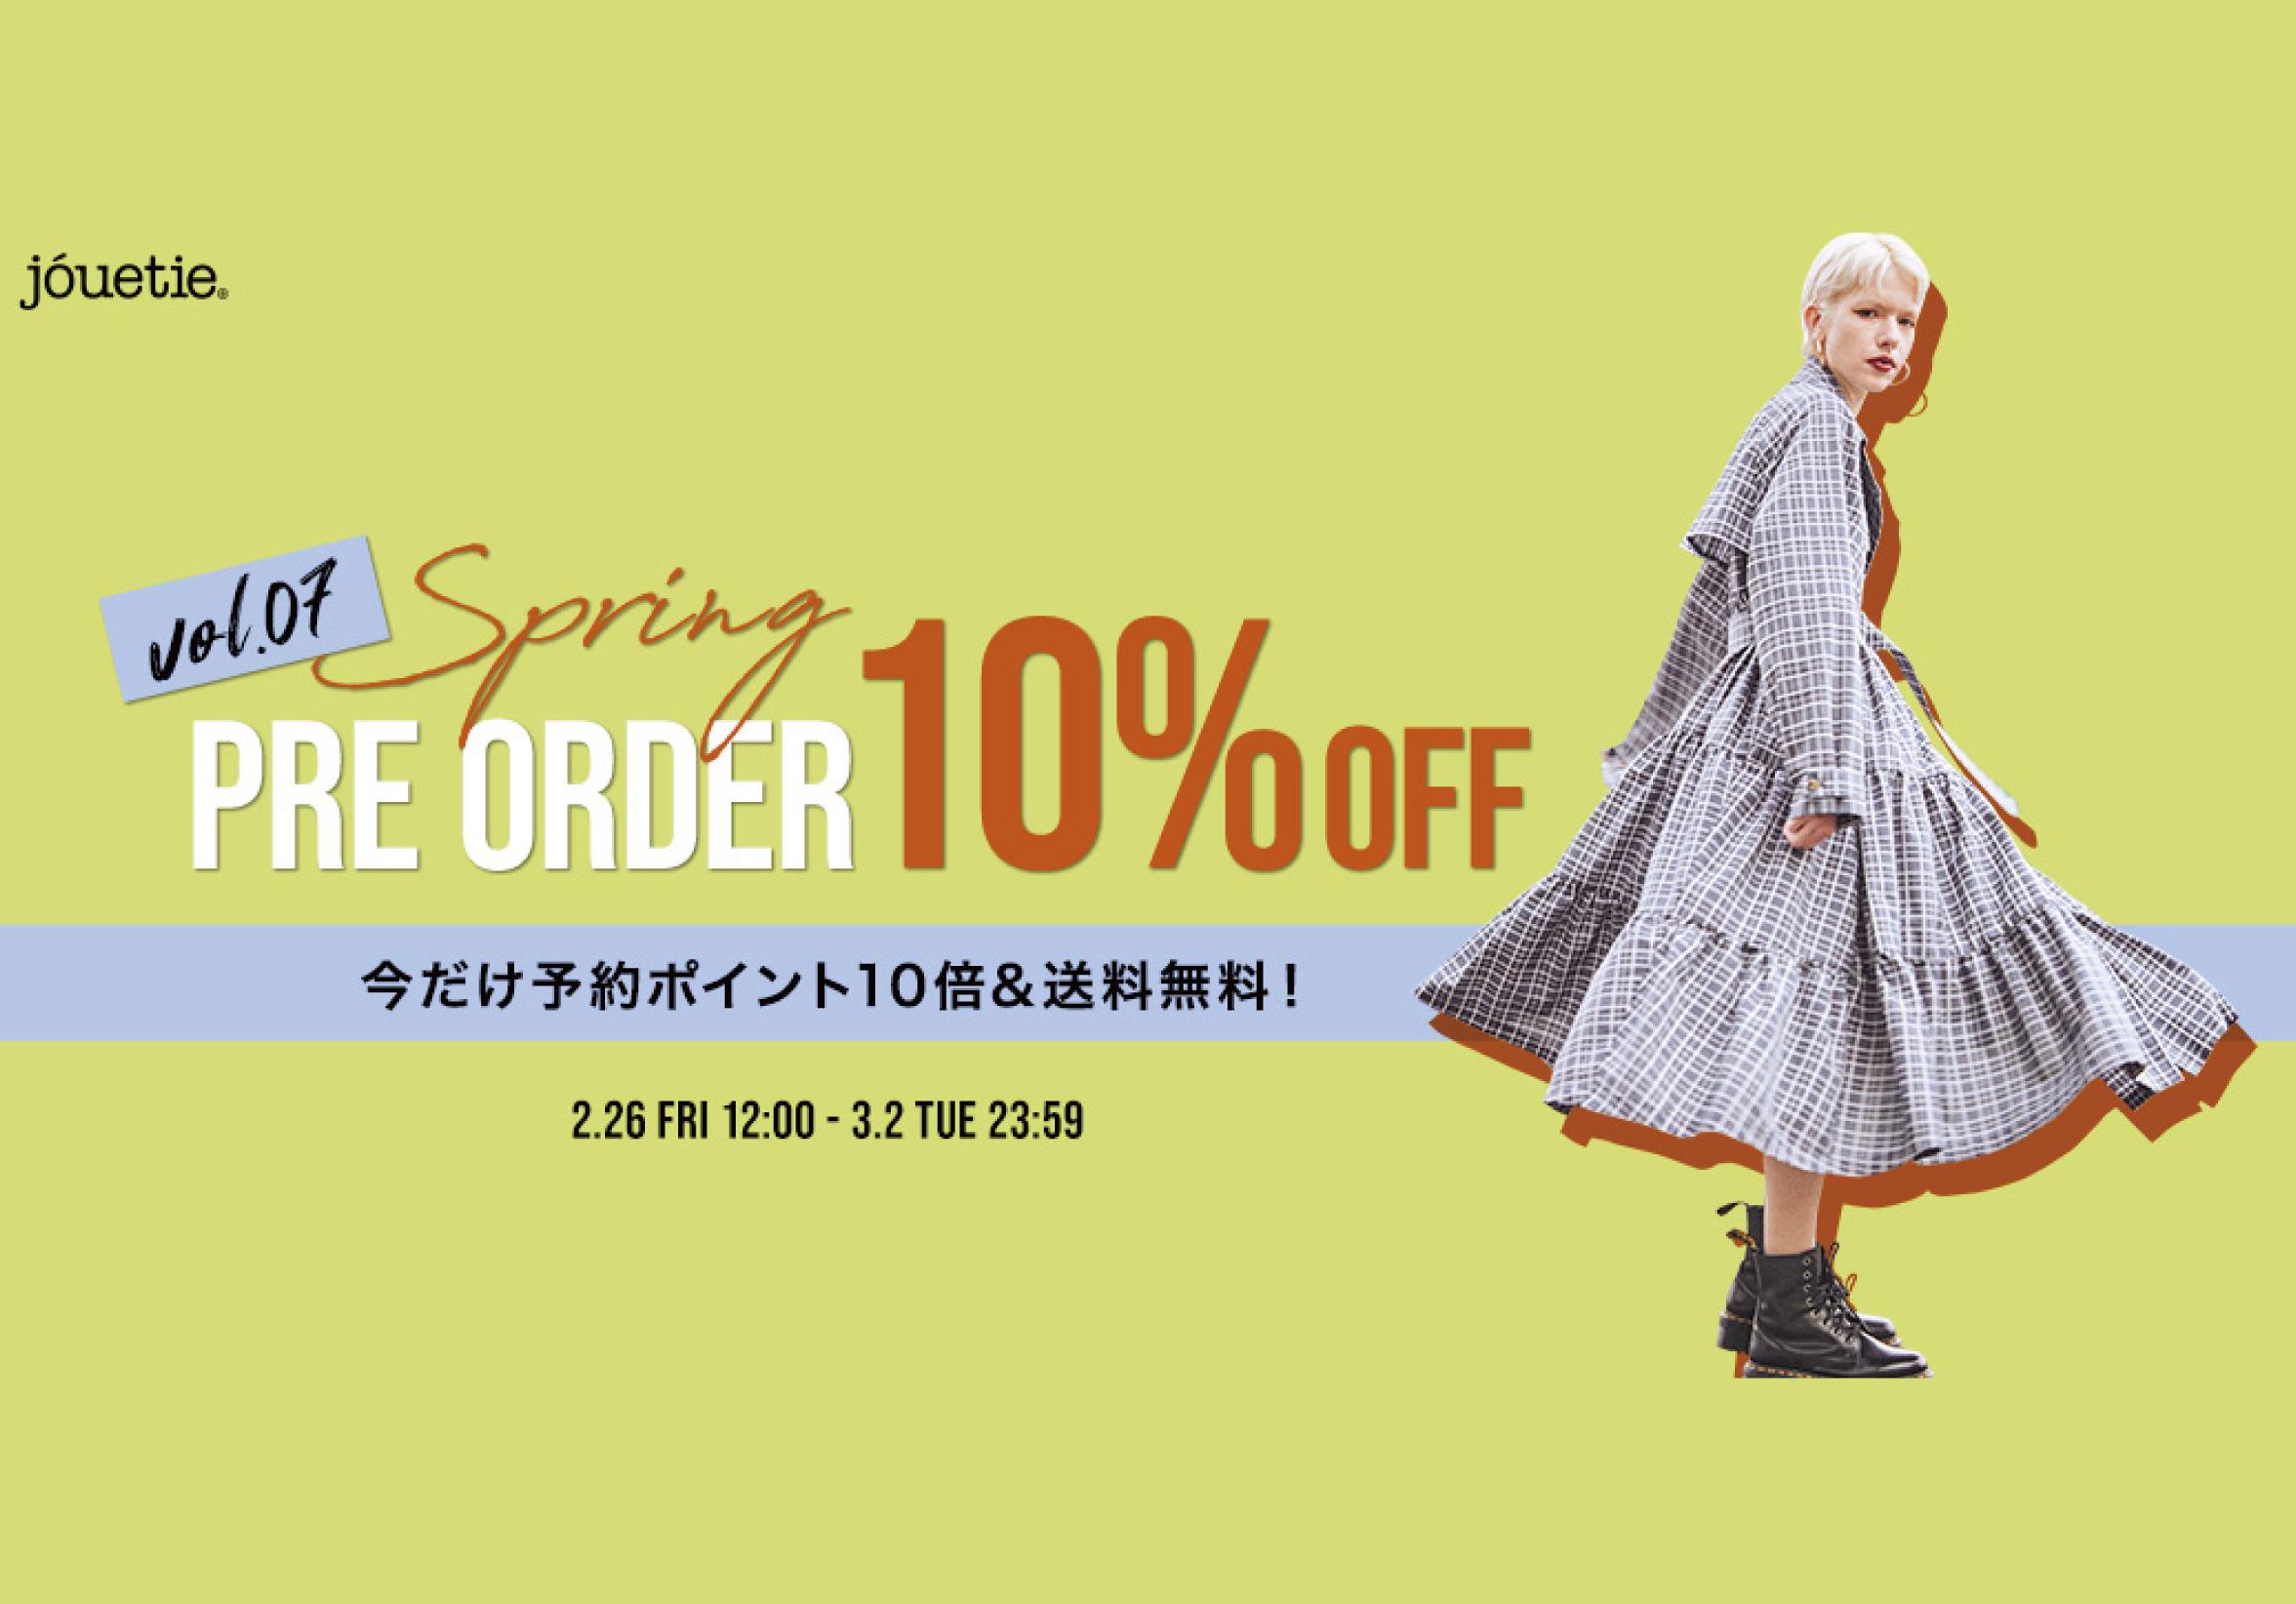 【SPRING PRE ORDER Vol.7】